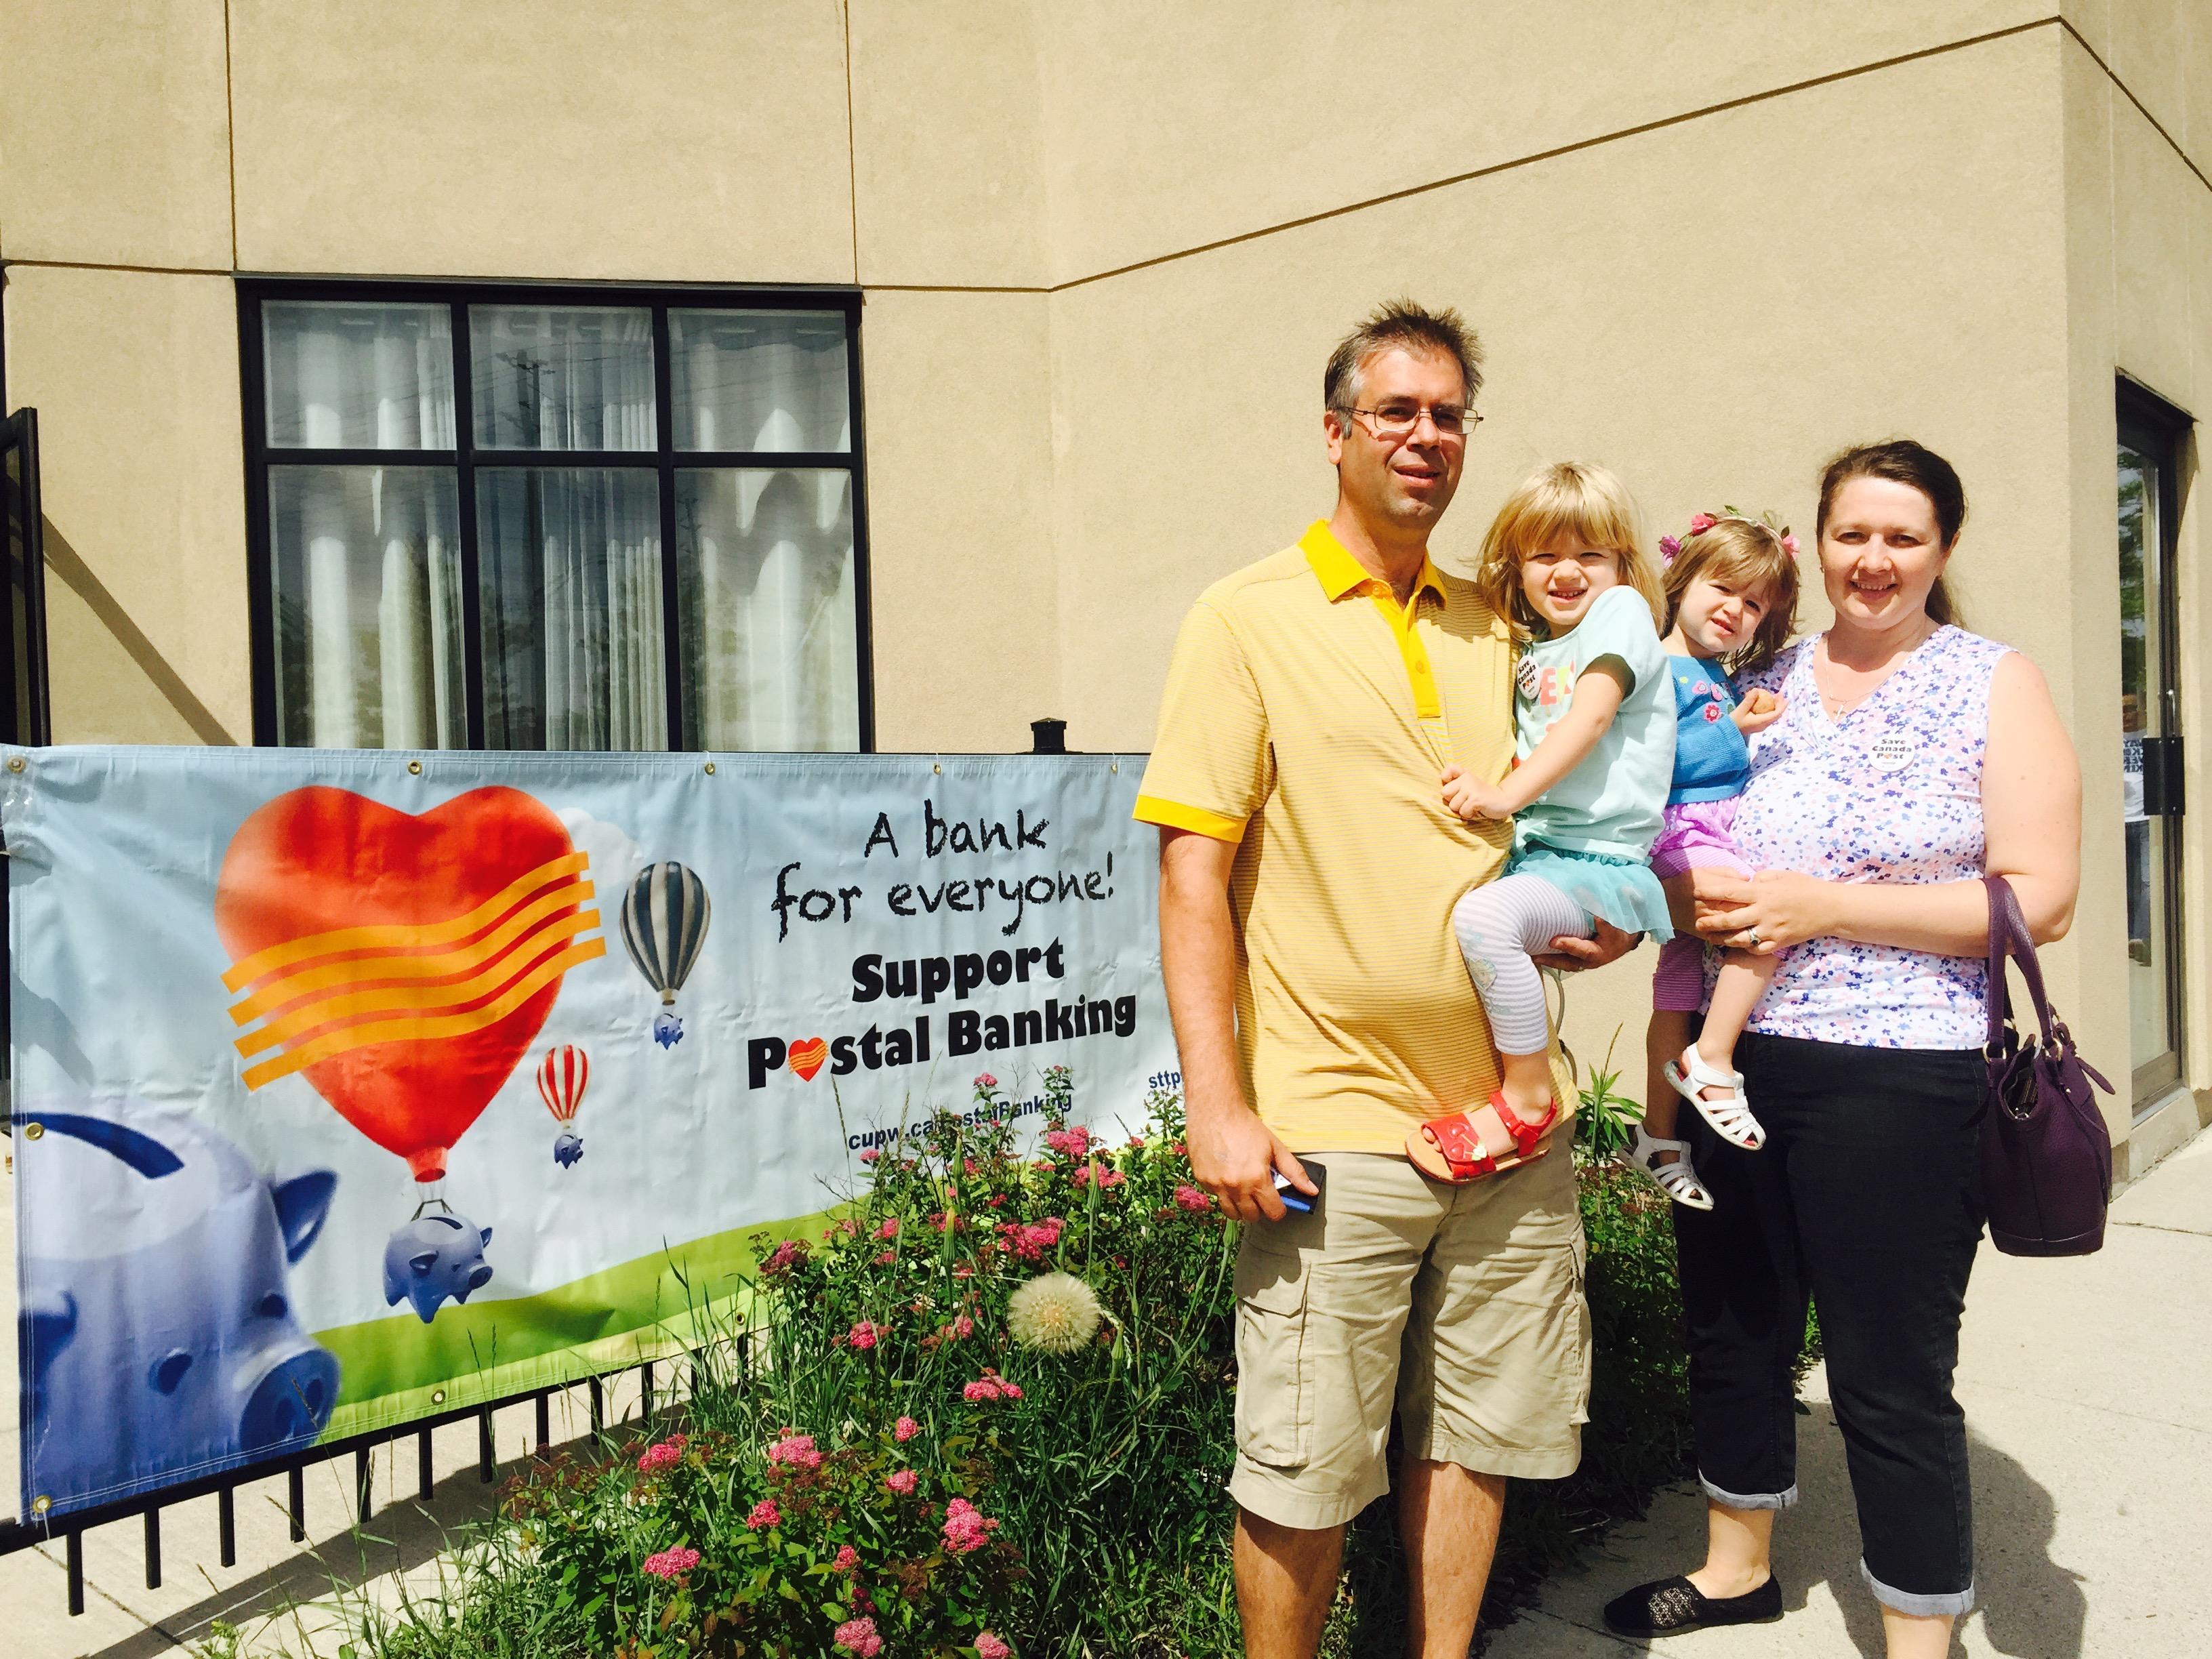 Couple travaillant au centre principal d'acheminement de Toronto et ses deux enfants debout près d'une bannière « Une banque postale, une banque pour tous! ».